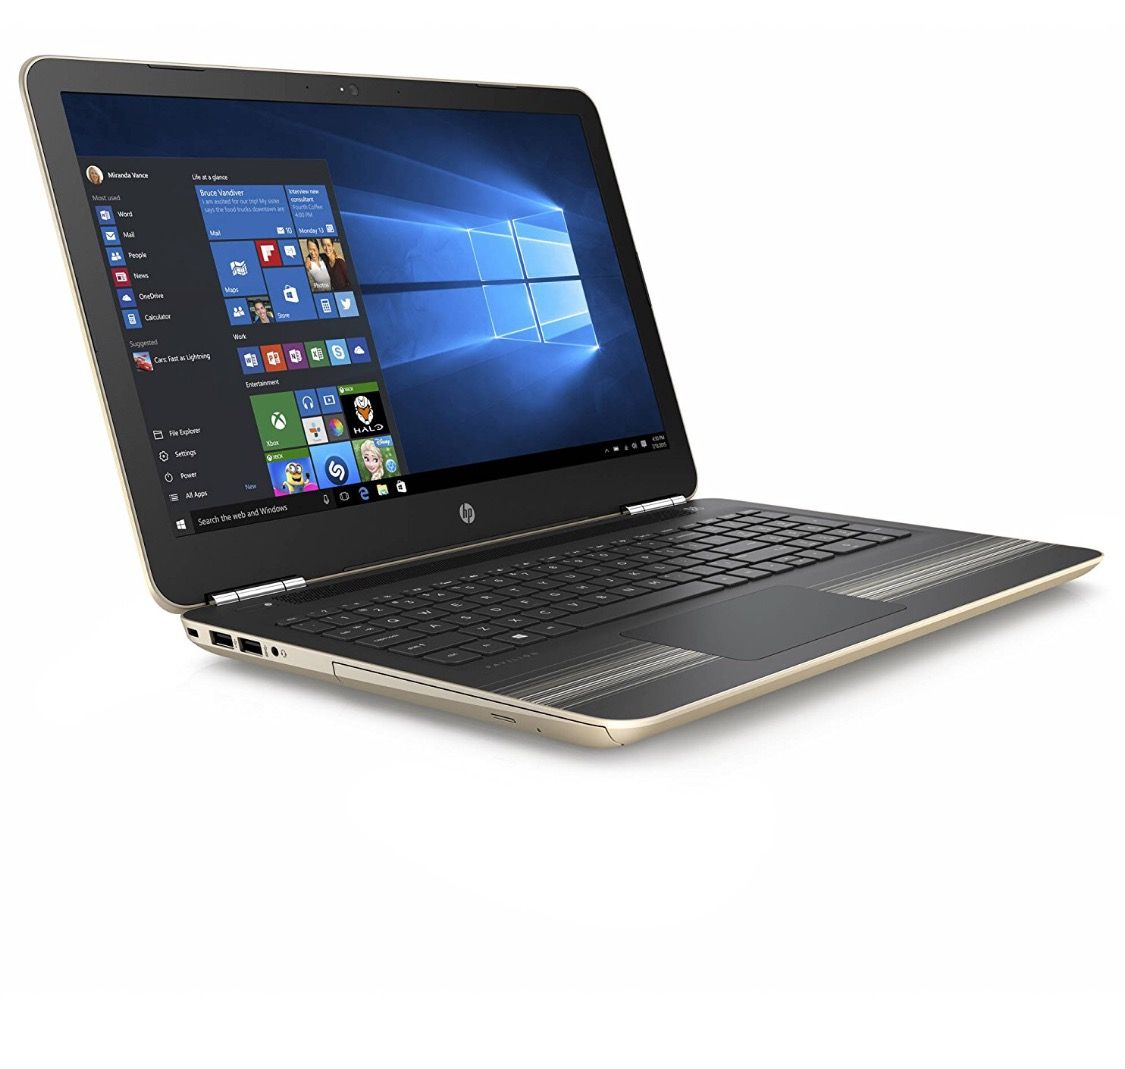 15.6 inch HP Pavilion premium flagship laptop computer